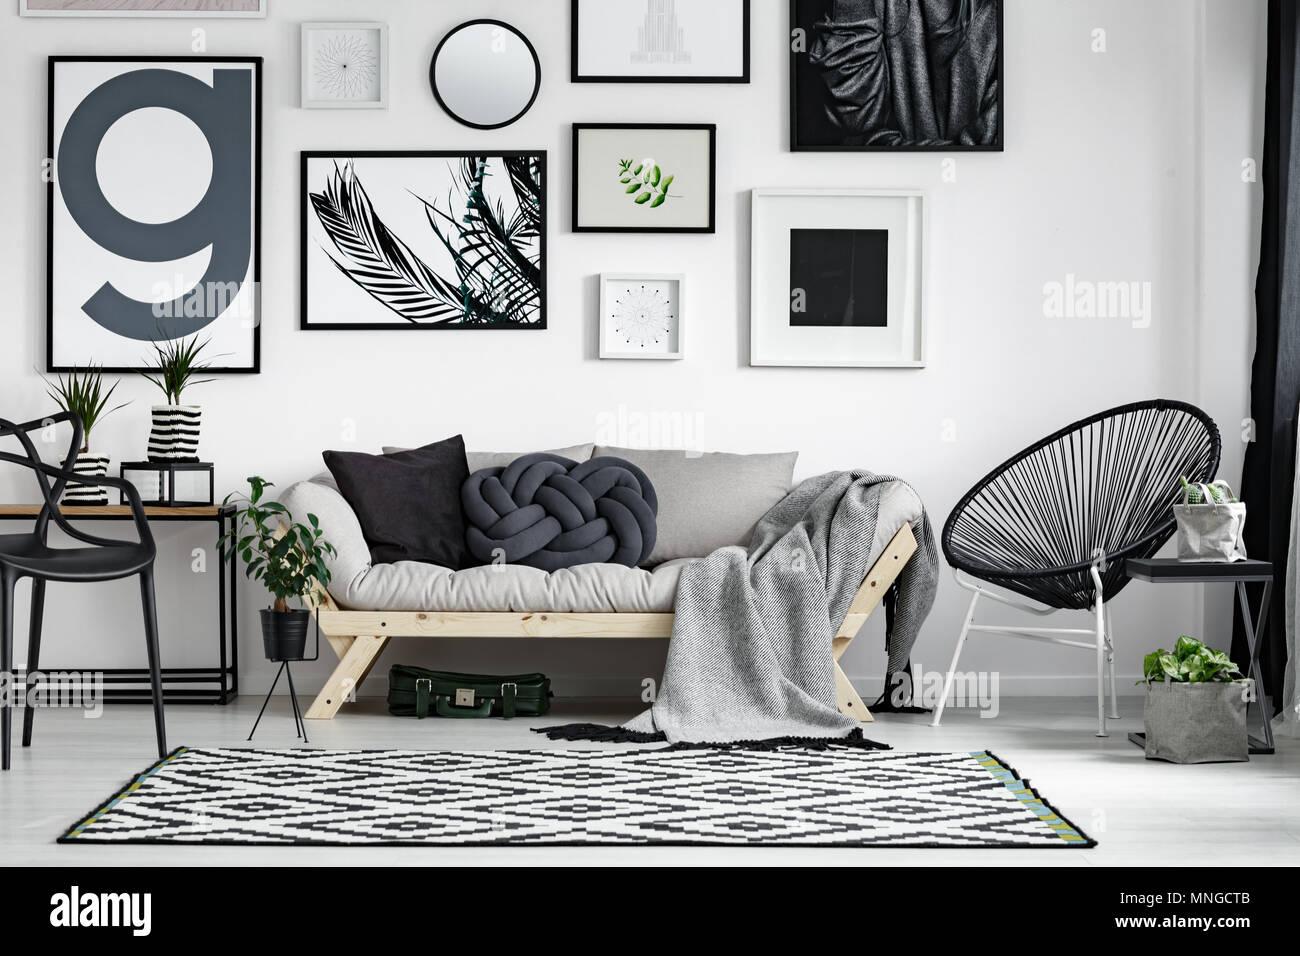 Eitelkeit Sofa Scandi Ideen Von Wooden With Dark Pillows In Style Living